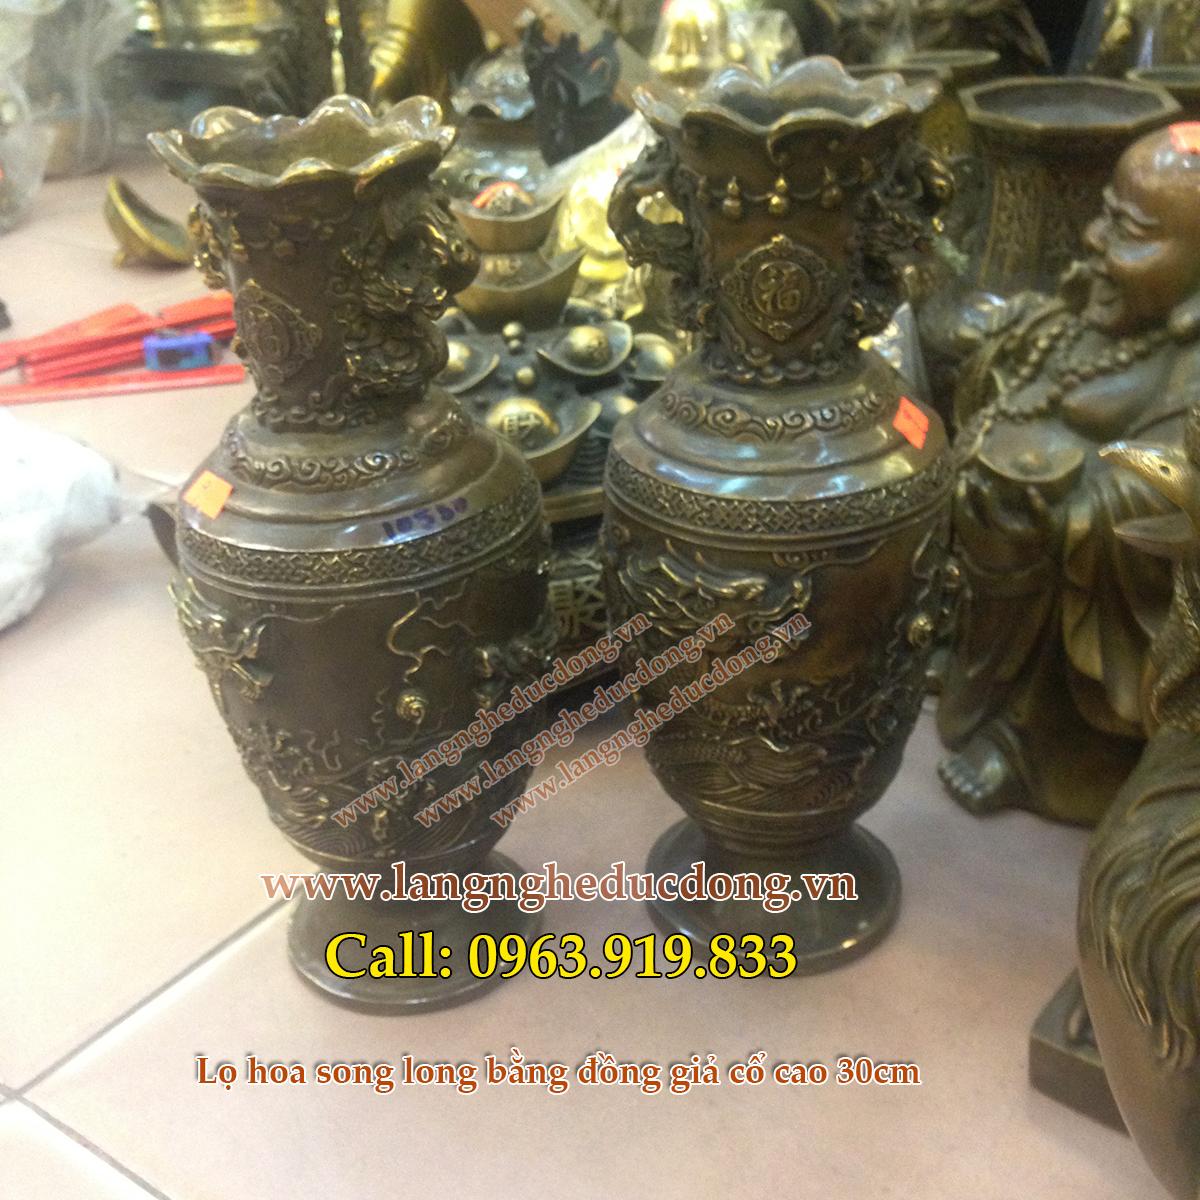 langngheducdong.vn-mẫu song long chầu giả cổ, lọ giả cổ cao 30cm, vật phẩm trang trí nội thất